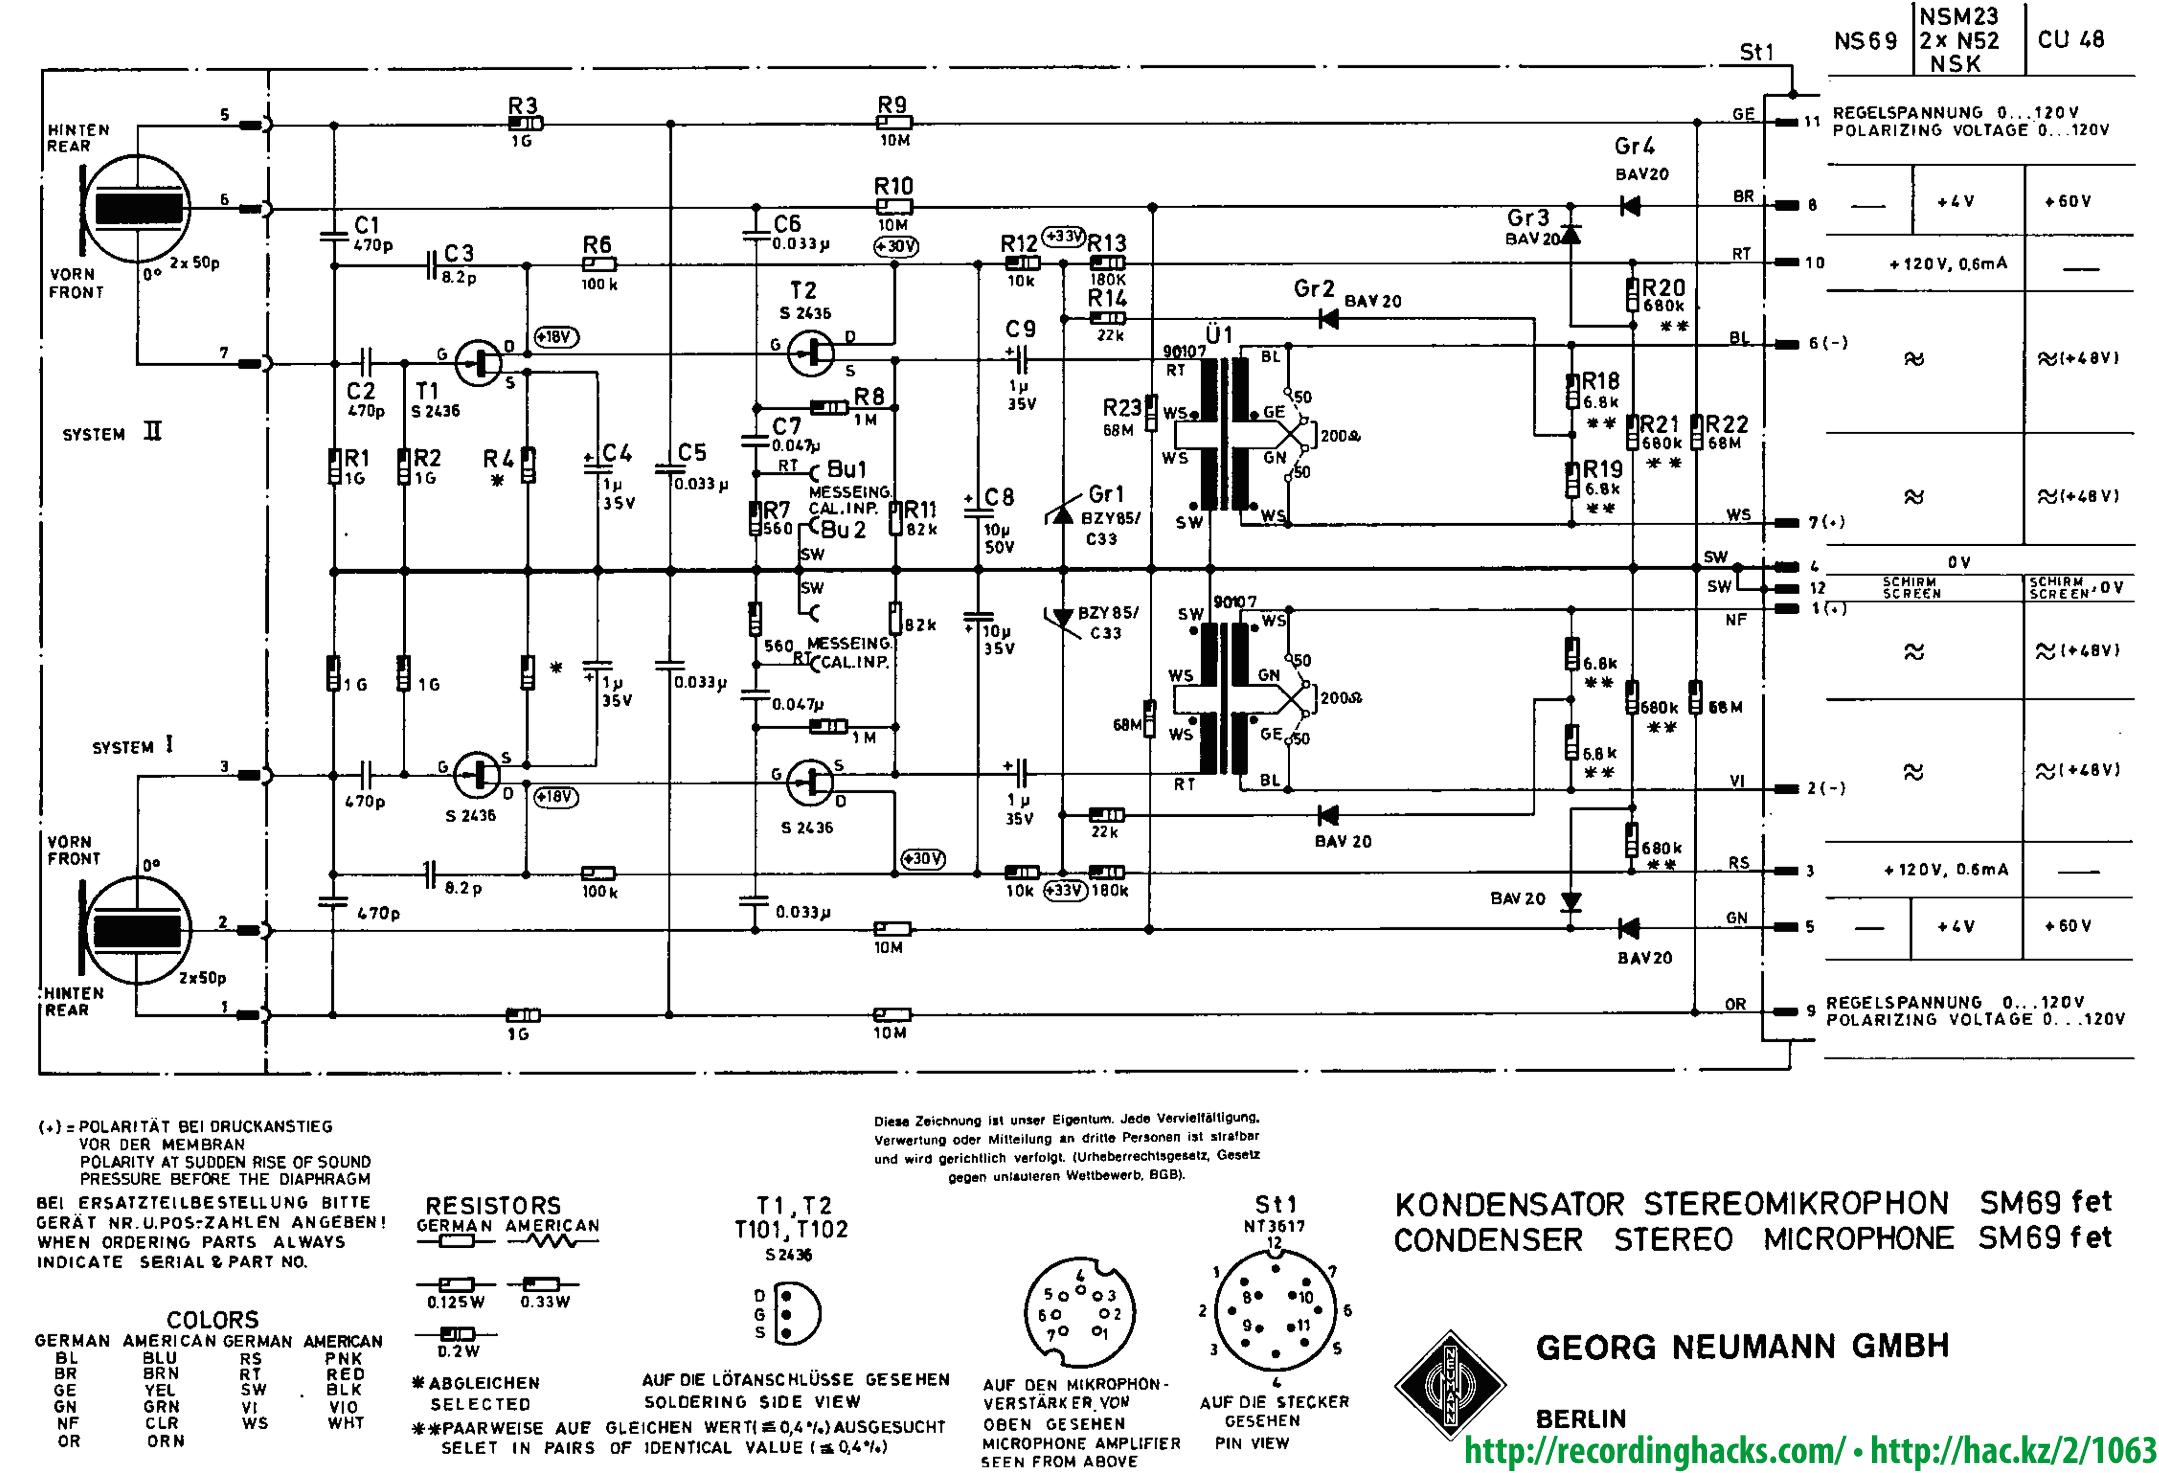 Wiring Diagram For Condenser Microphone Get Free Auto Tube Mic Neumann U47 Schematic